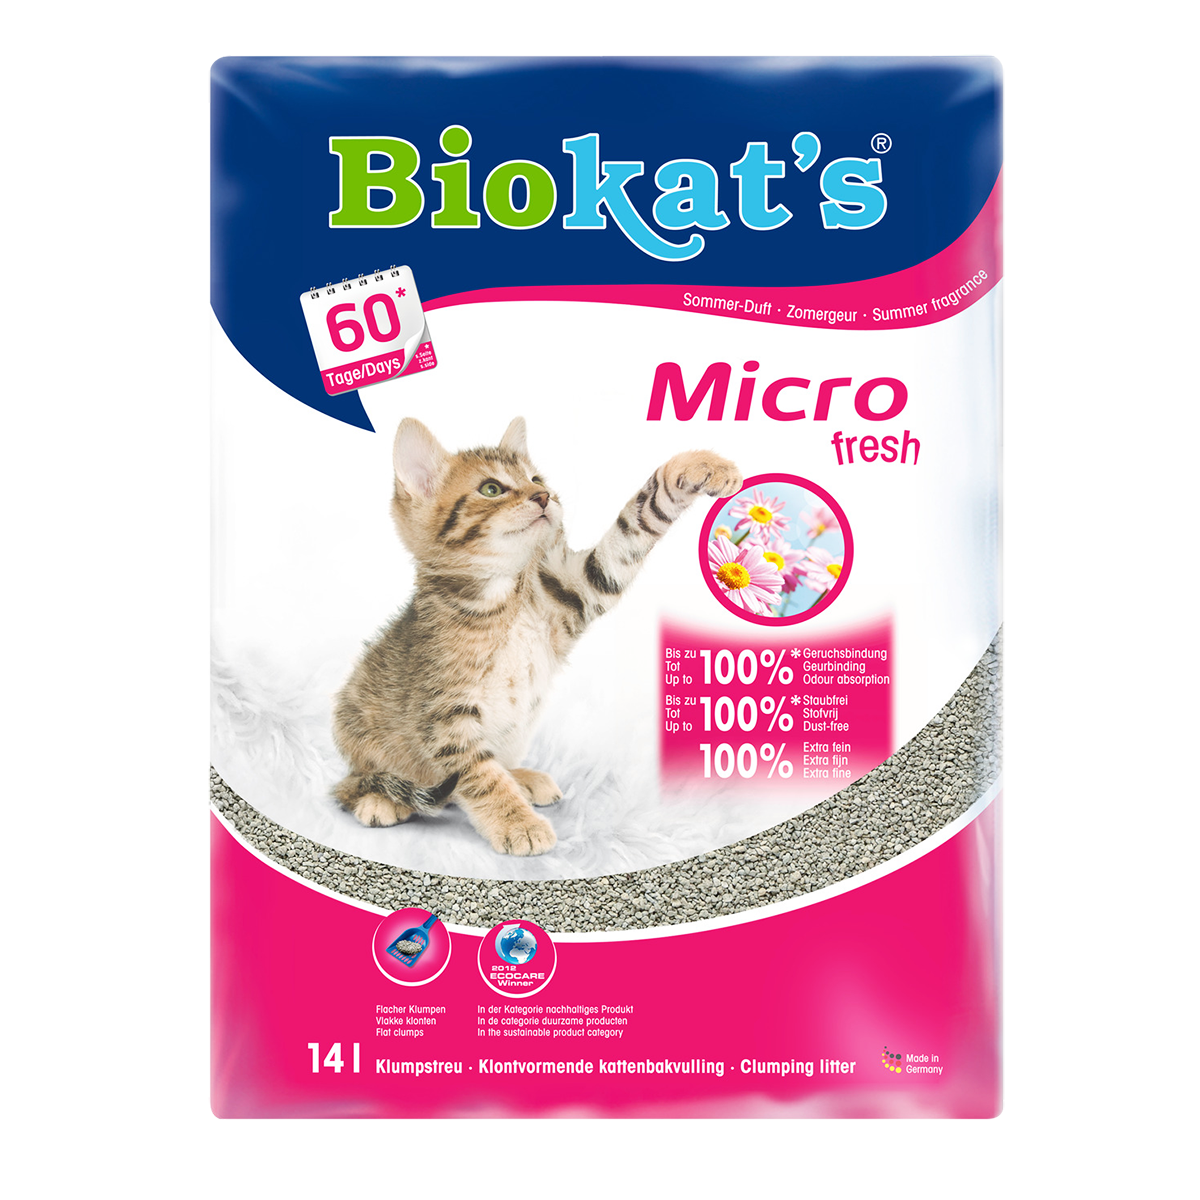 Biokat's Micro fresh Наполнитель минеральный комкующийся